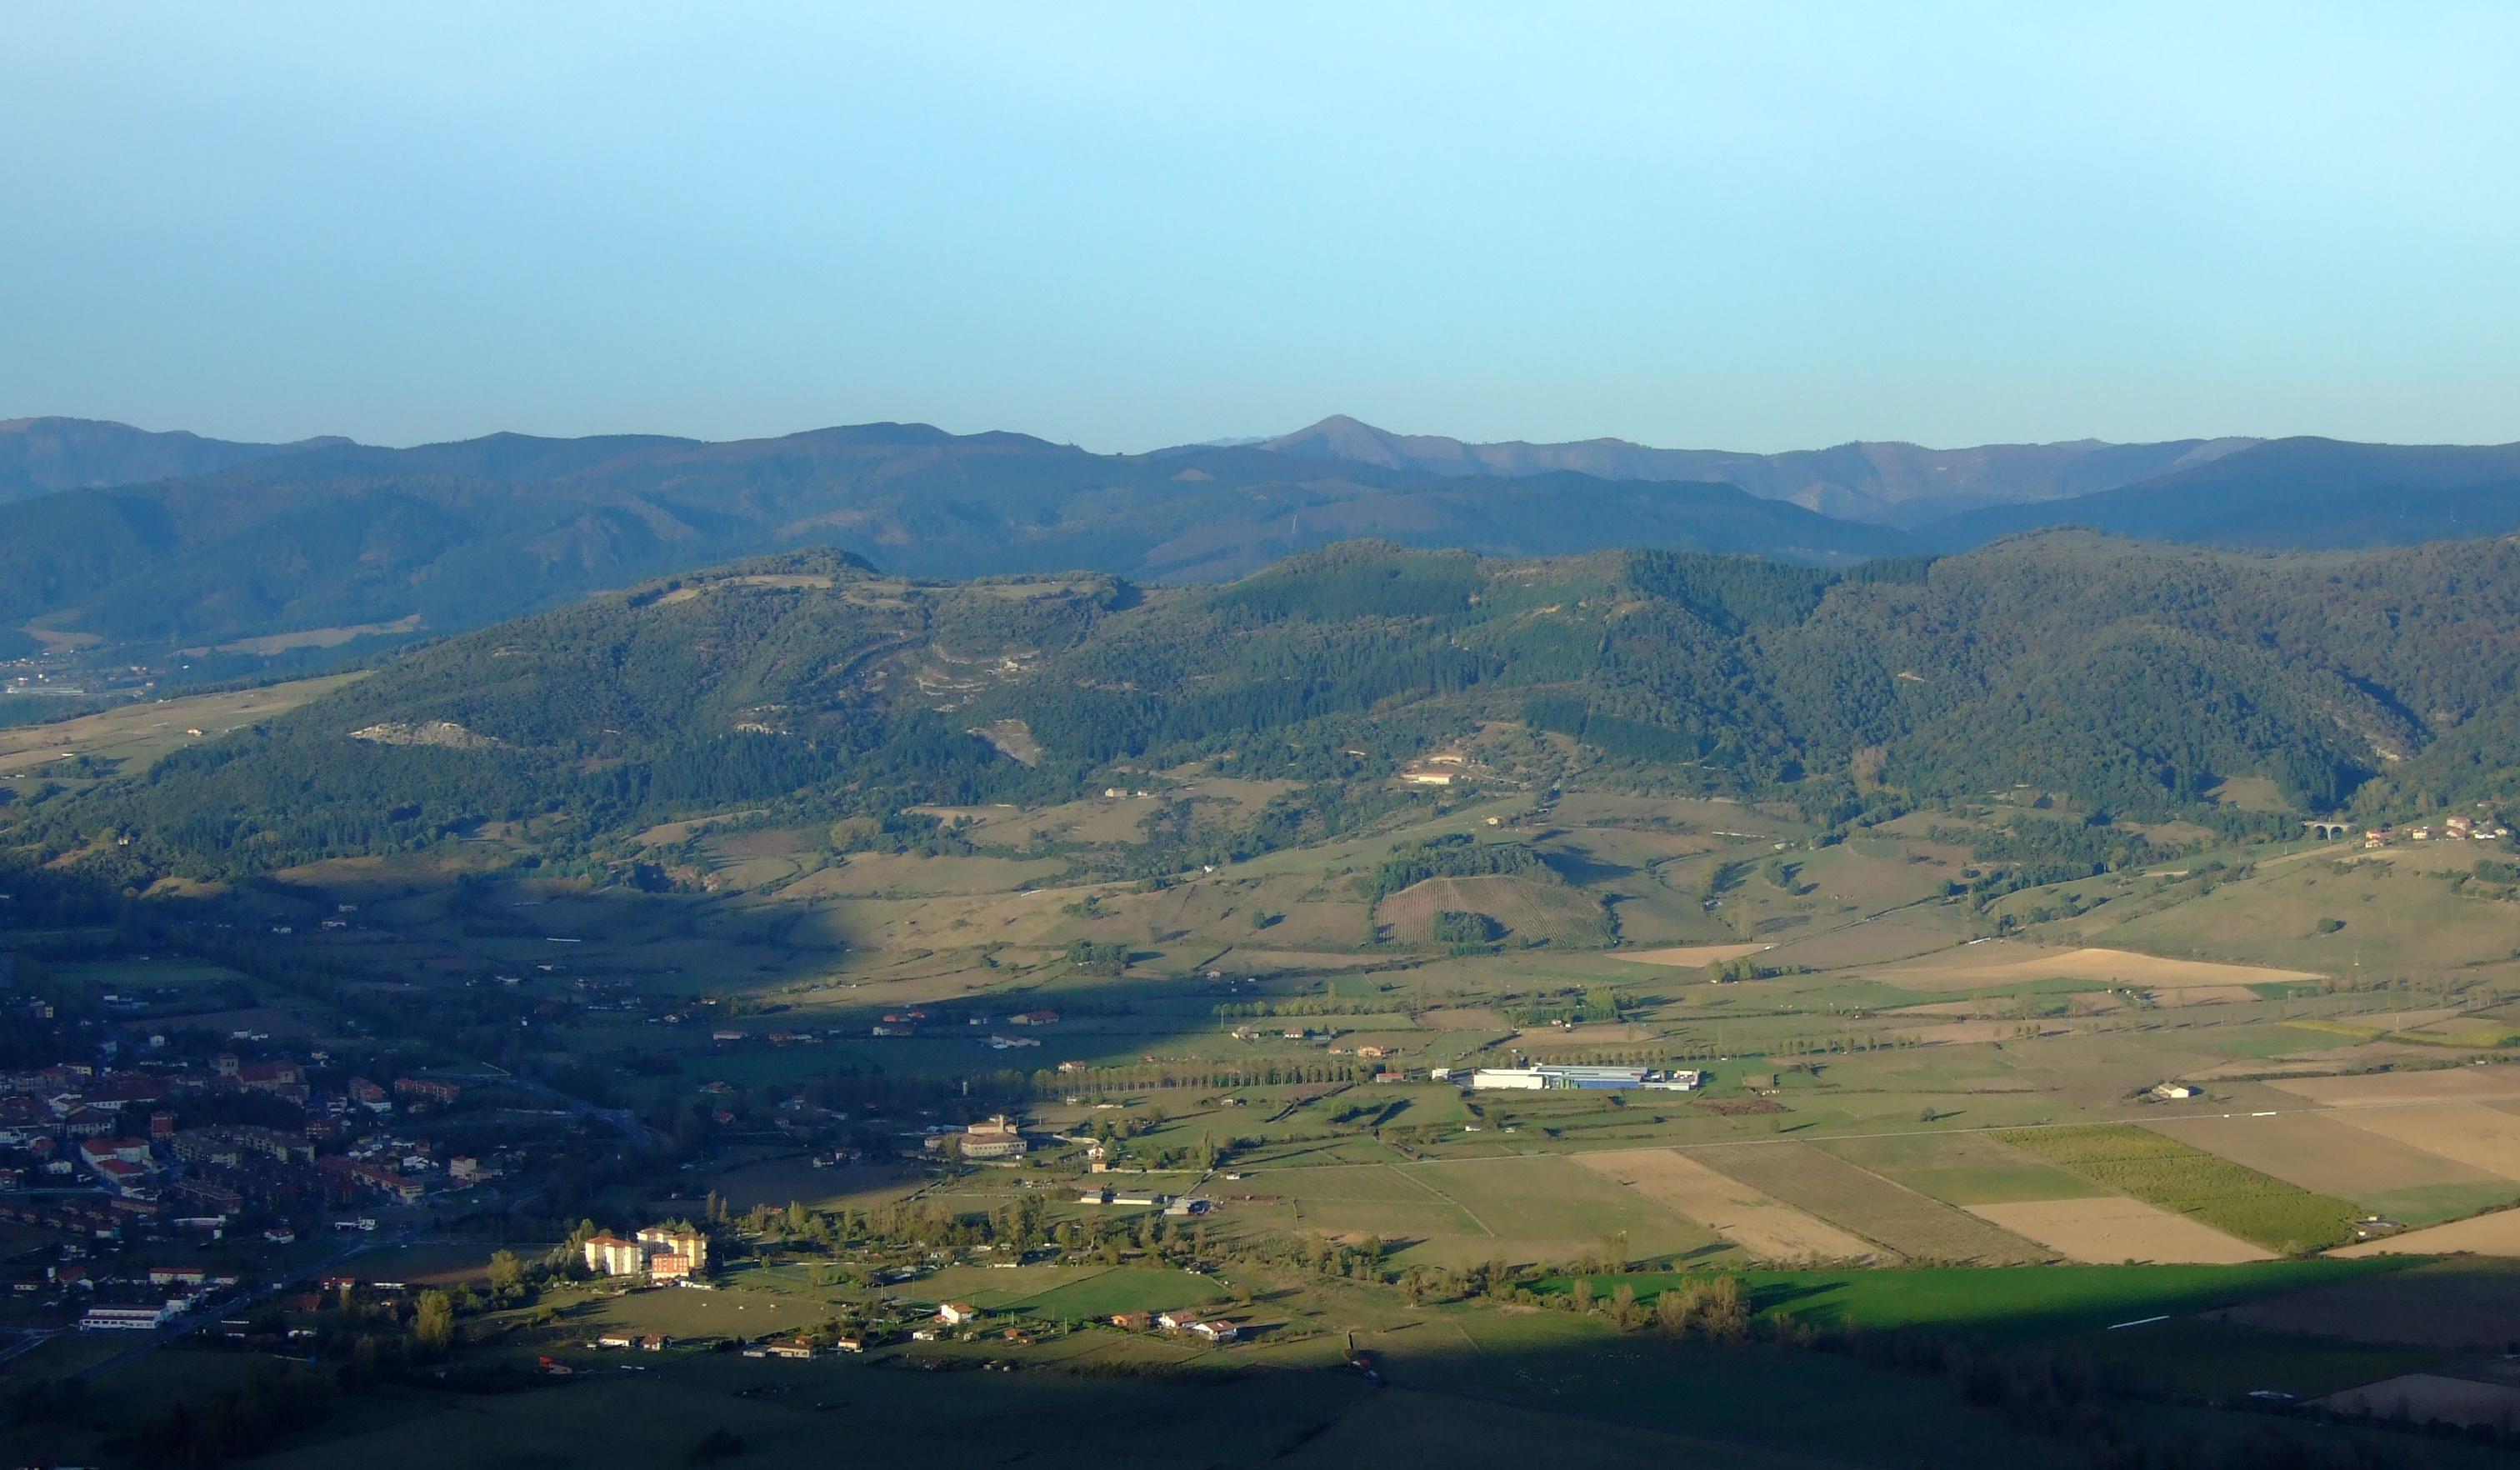 Según avanza la tarde, queda el valle medio en sombra bajo las crestas de Sierra Salvad.